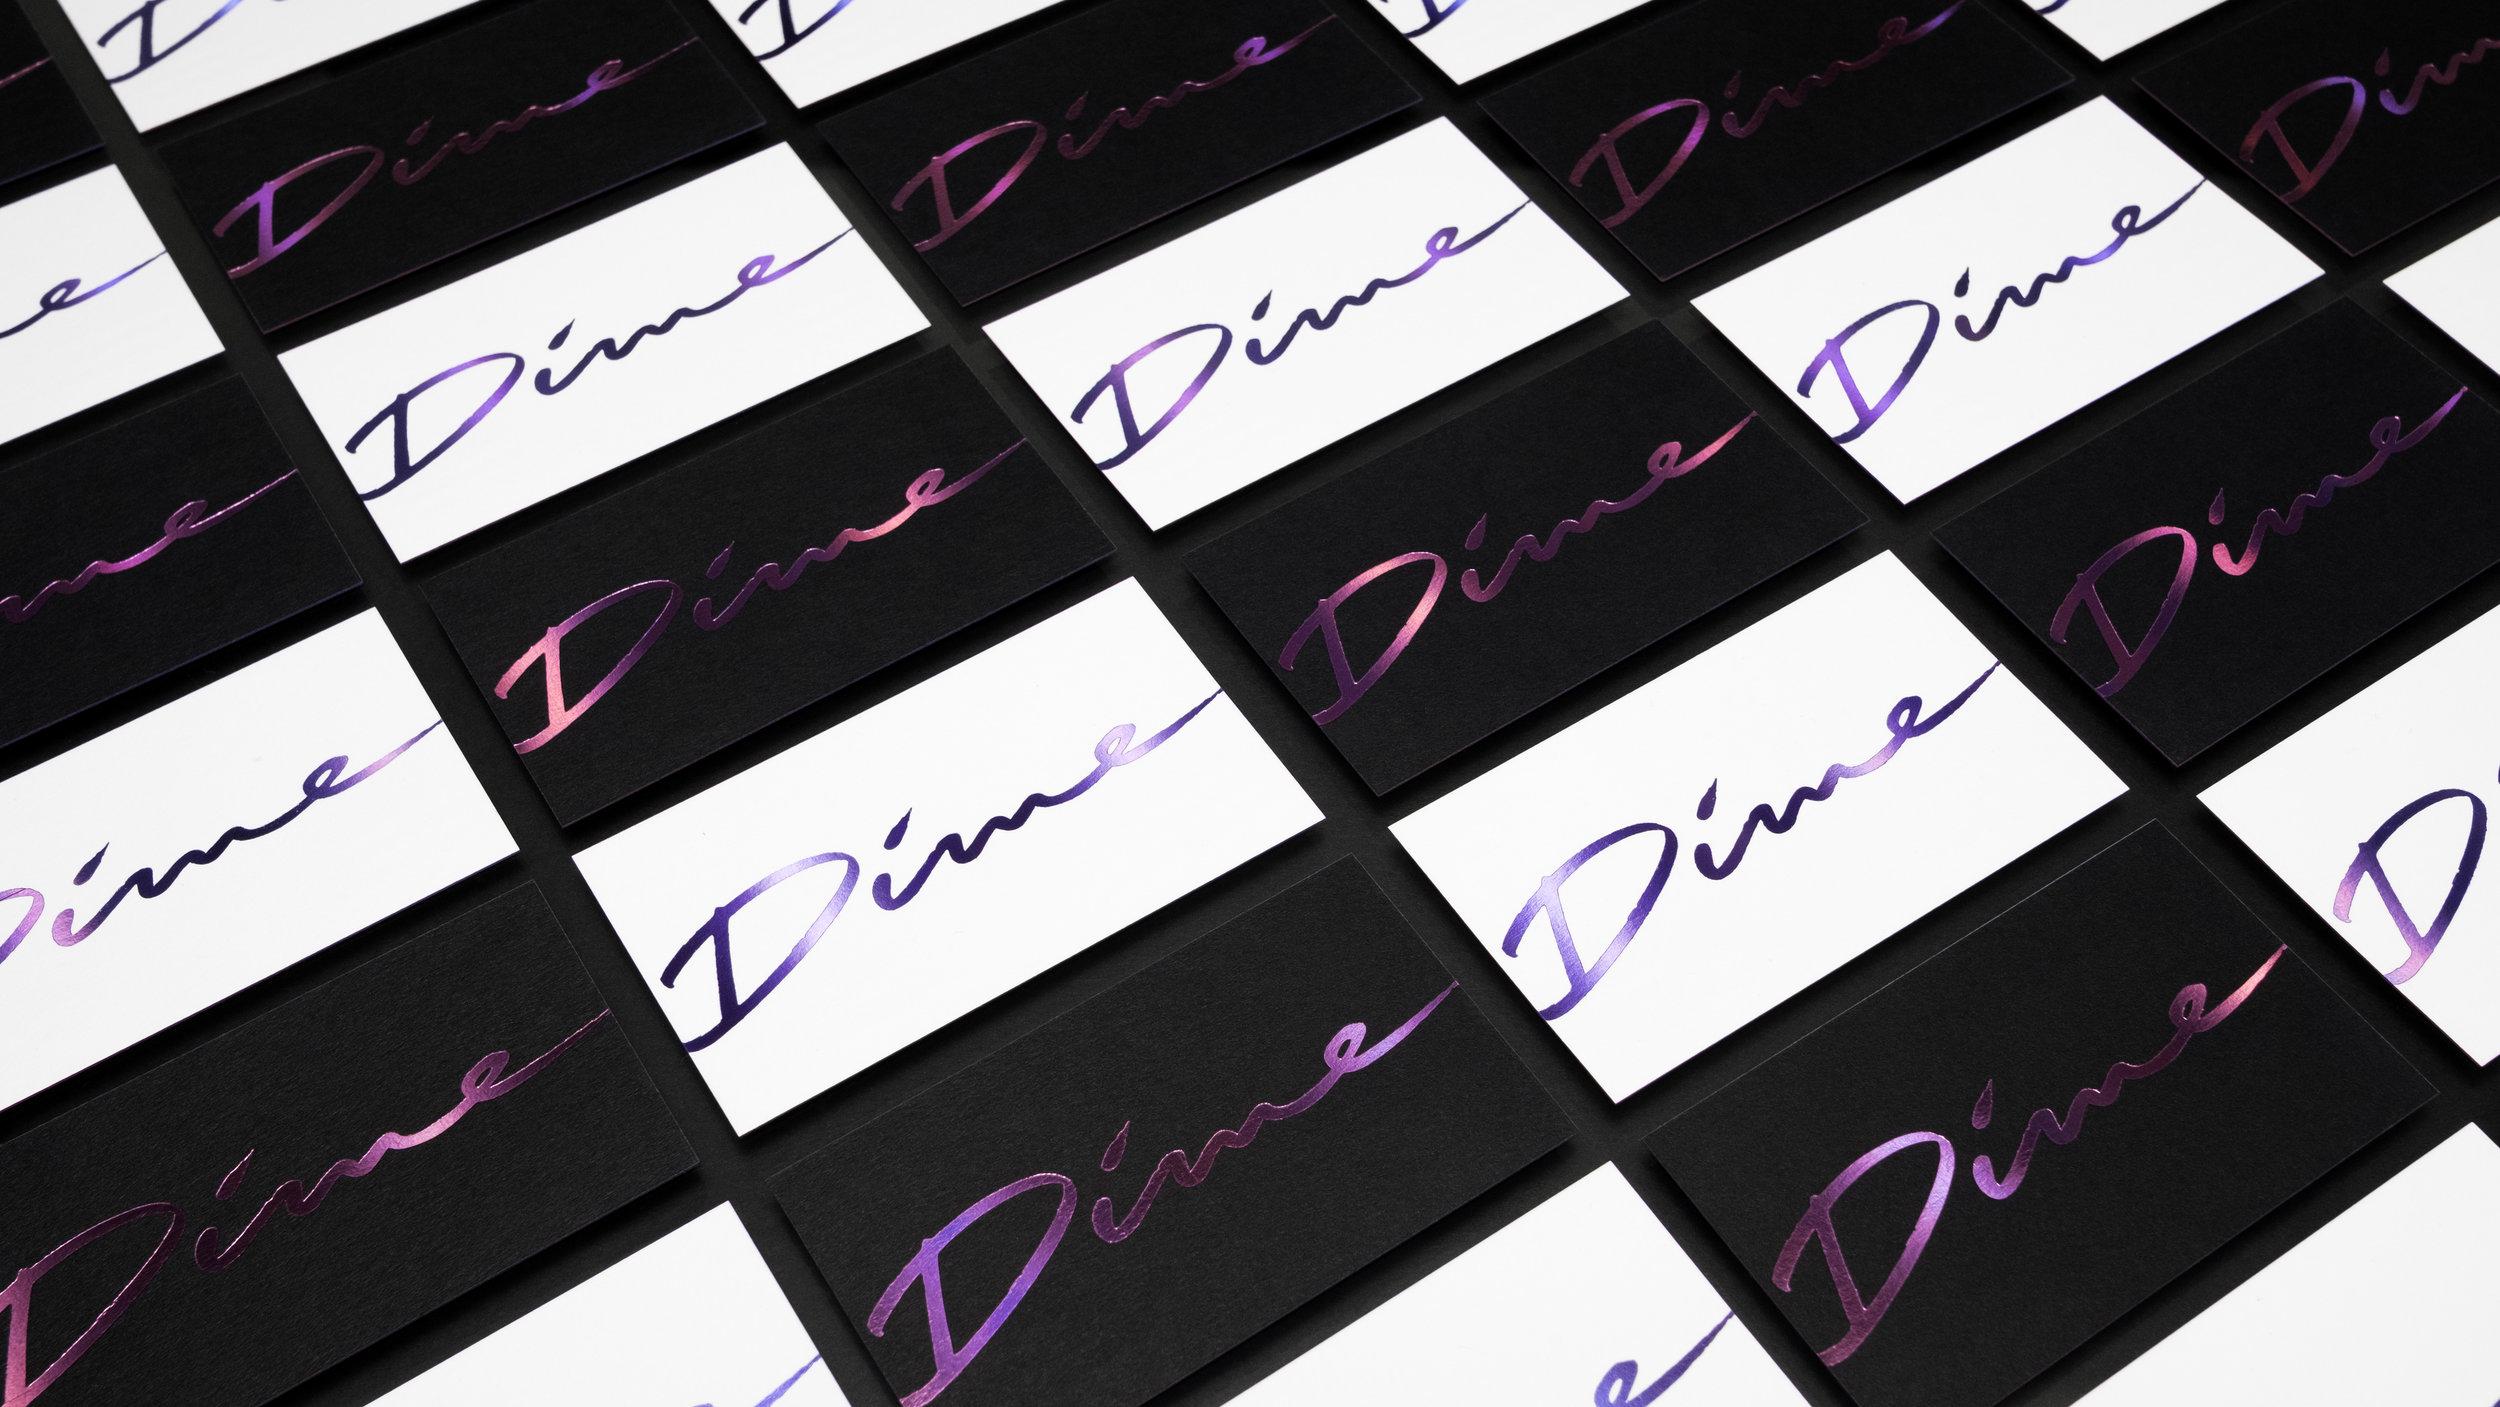 Dime_nailaalon_businesscards_julieeckertdesign_01.jpg